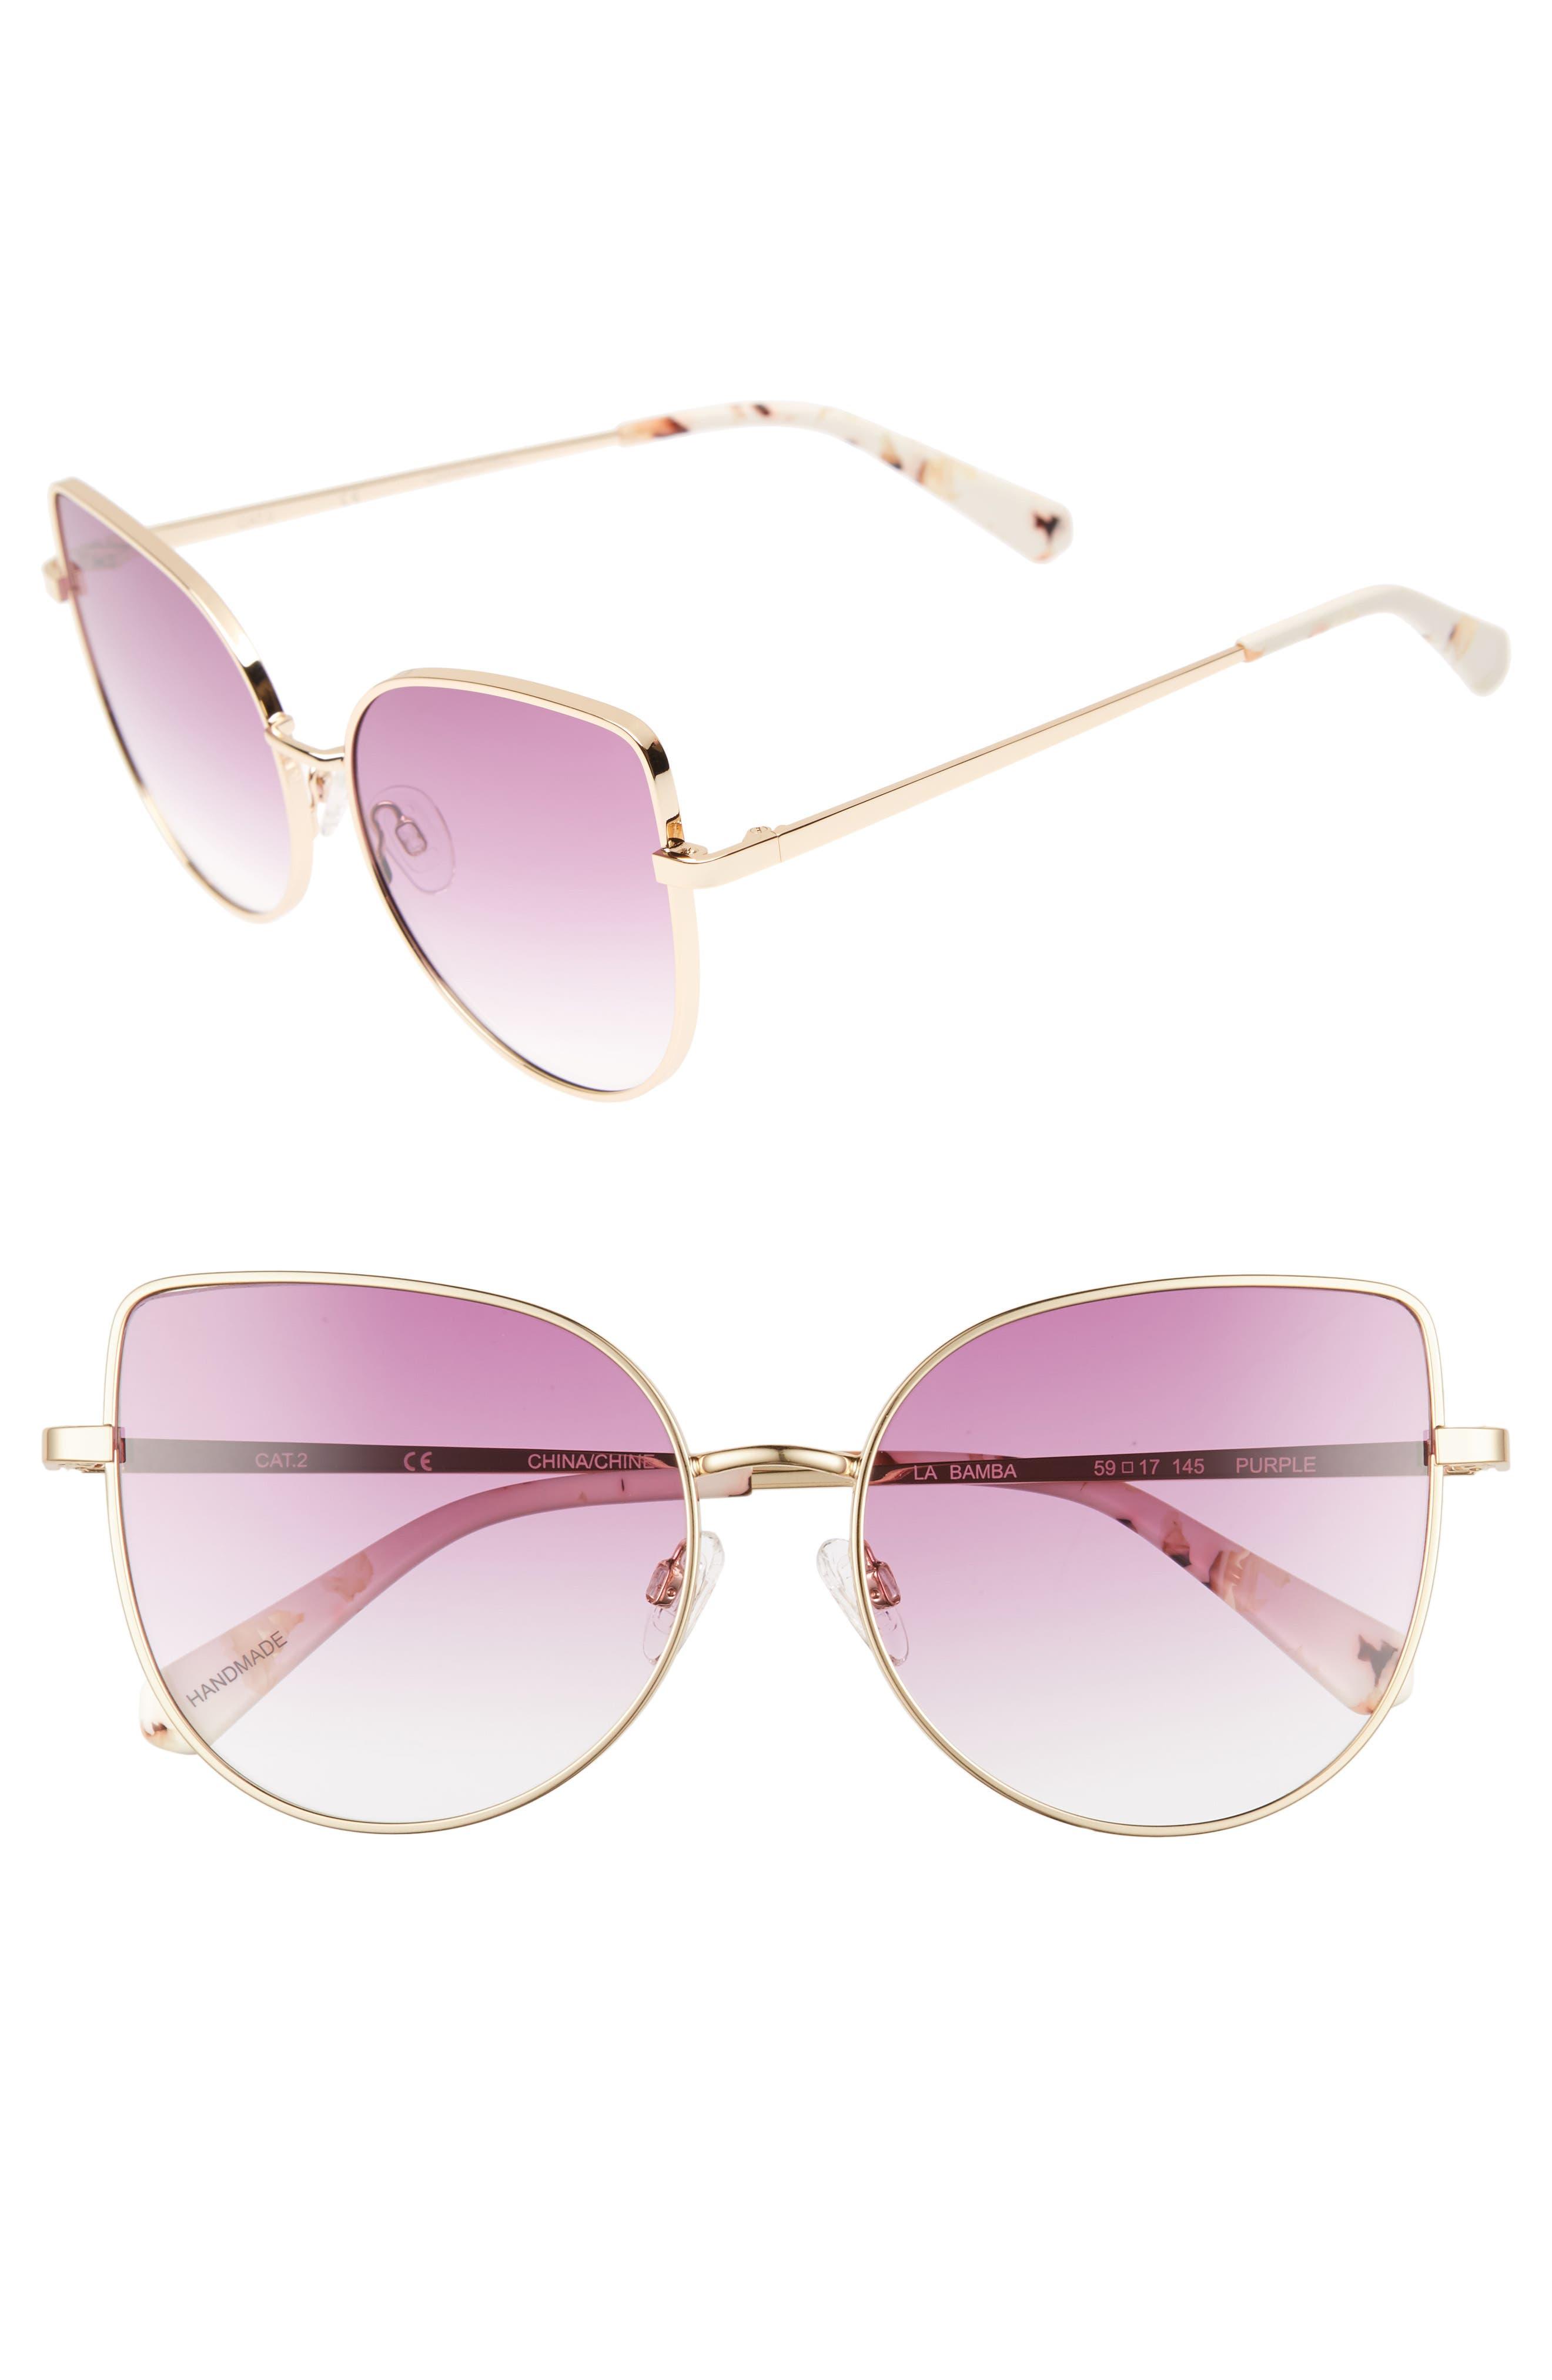 La Bamba 59mm Sunglasses,                             Main thumbnail 1, color,                             Purple